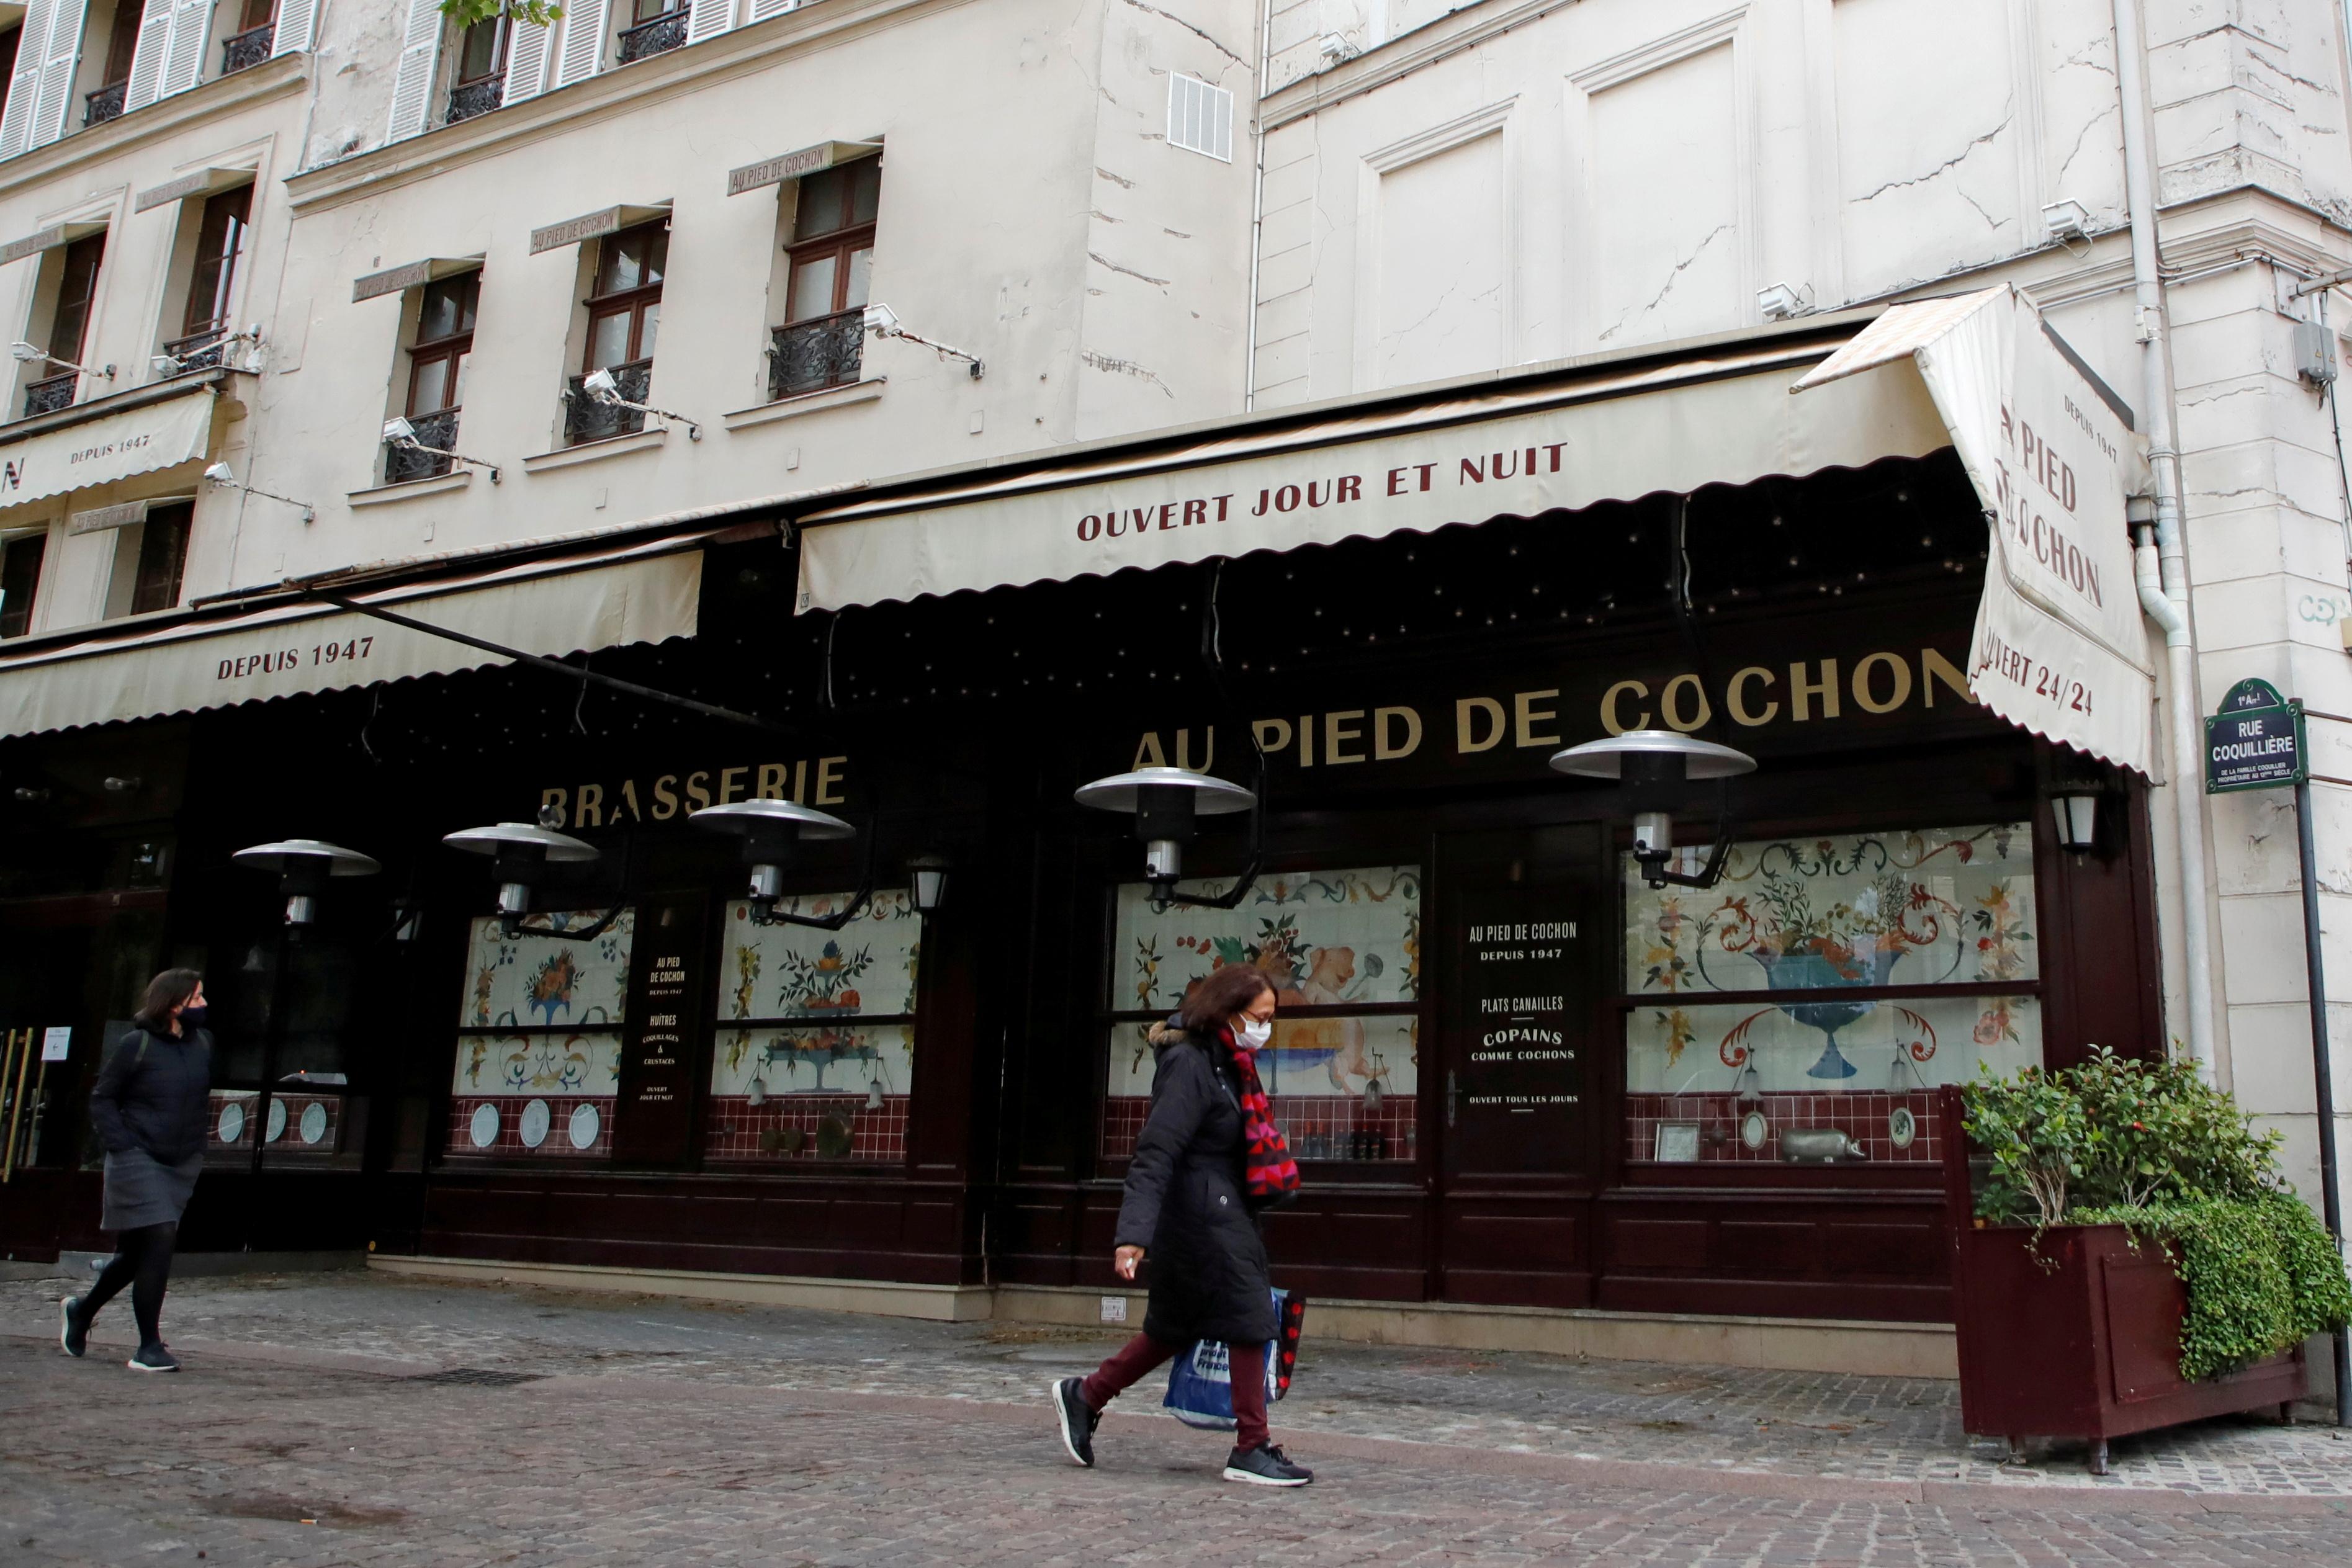 Personas, con máscaras protectoras, pasan frente a un restaurante cerrado en París en medio del brote de la enfermedad por coronavirus (COVID-19) en Francia, el 6 de mayo de 2021. REUTERS / Sarah Meyssonnier